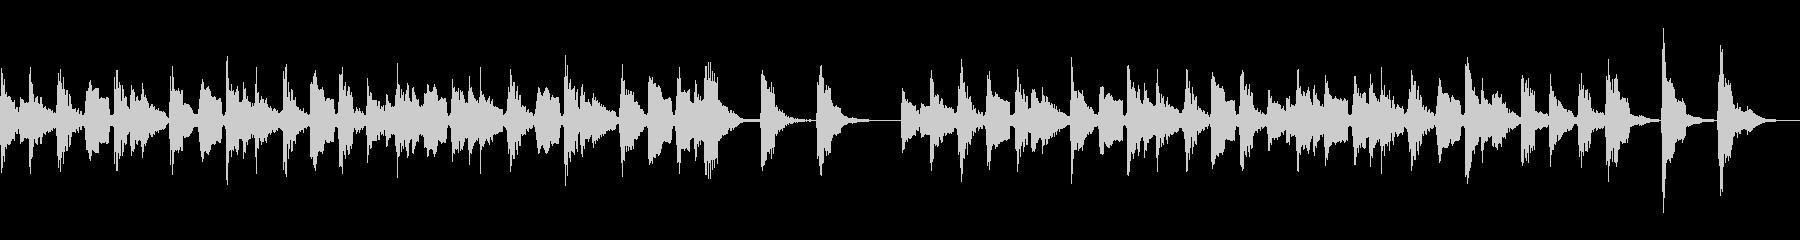 3分クッキングの曲 (アコギ)の未再生の波形